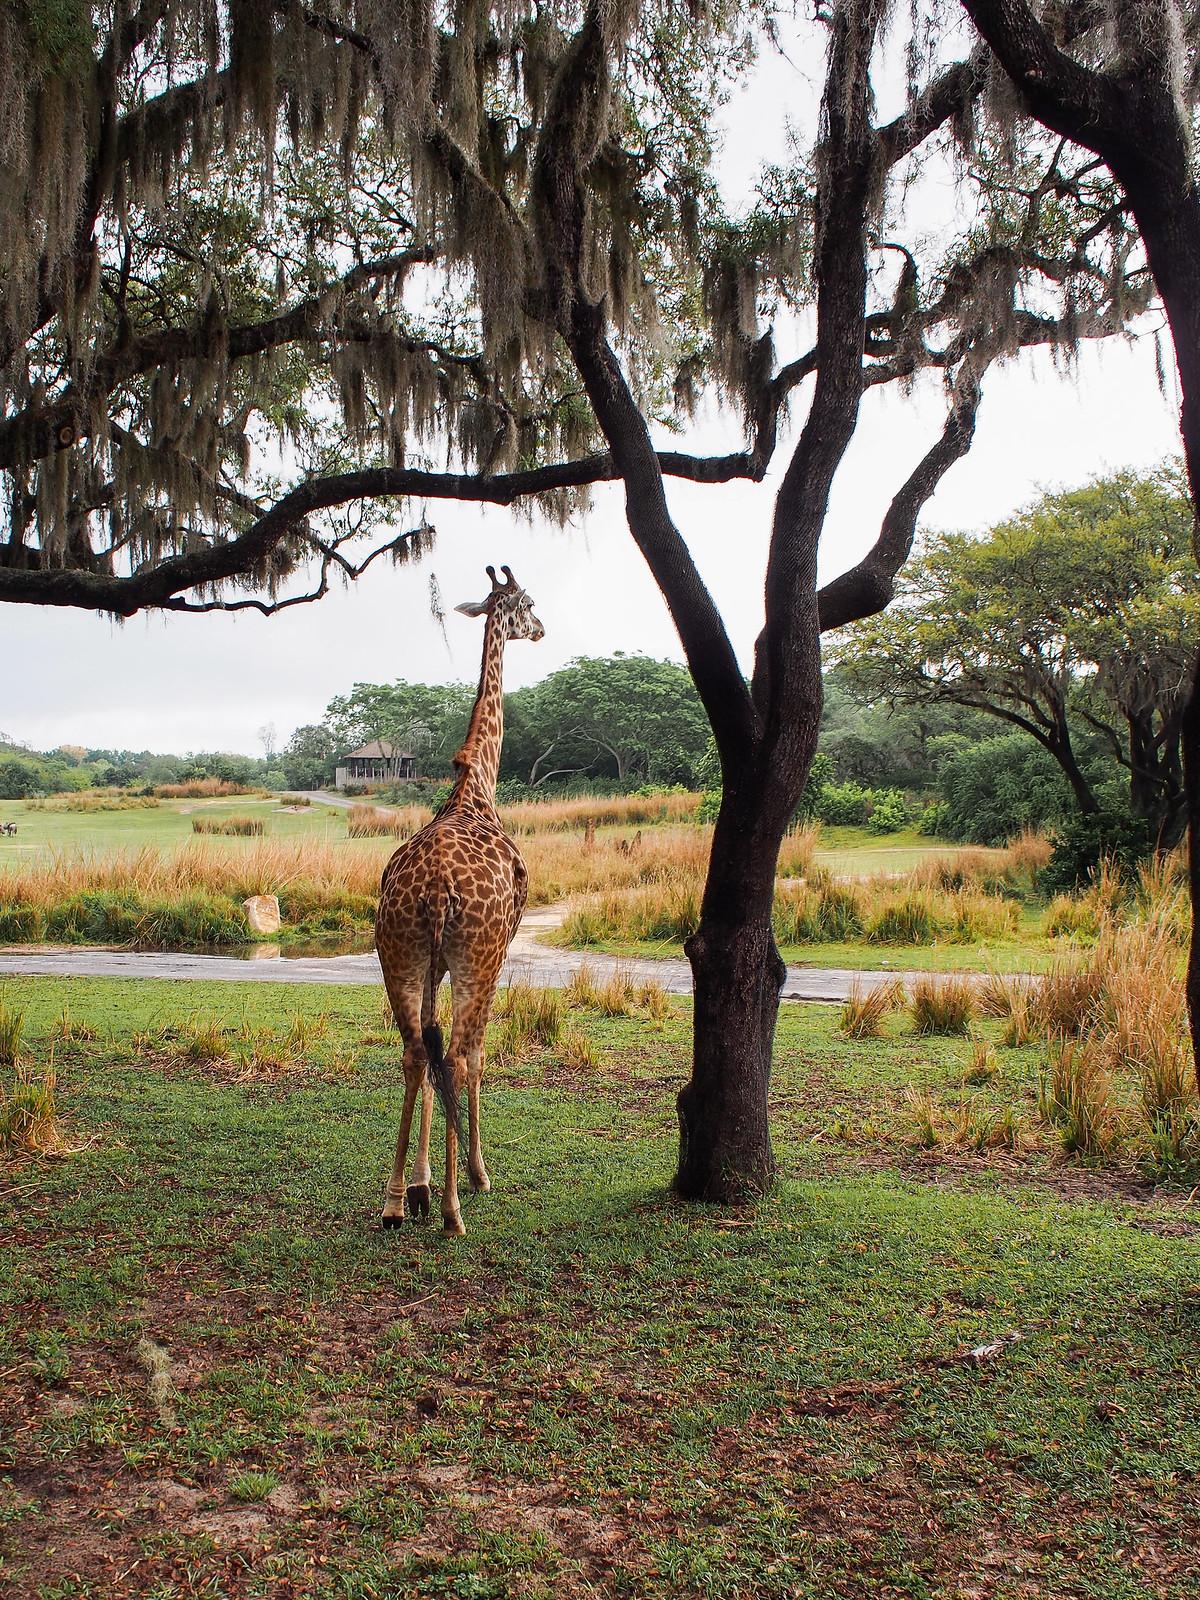 Giraffe in Disney Animal Kingdom